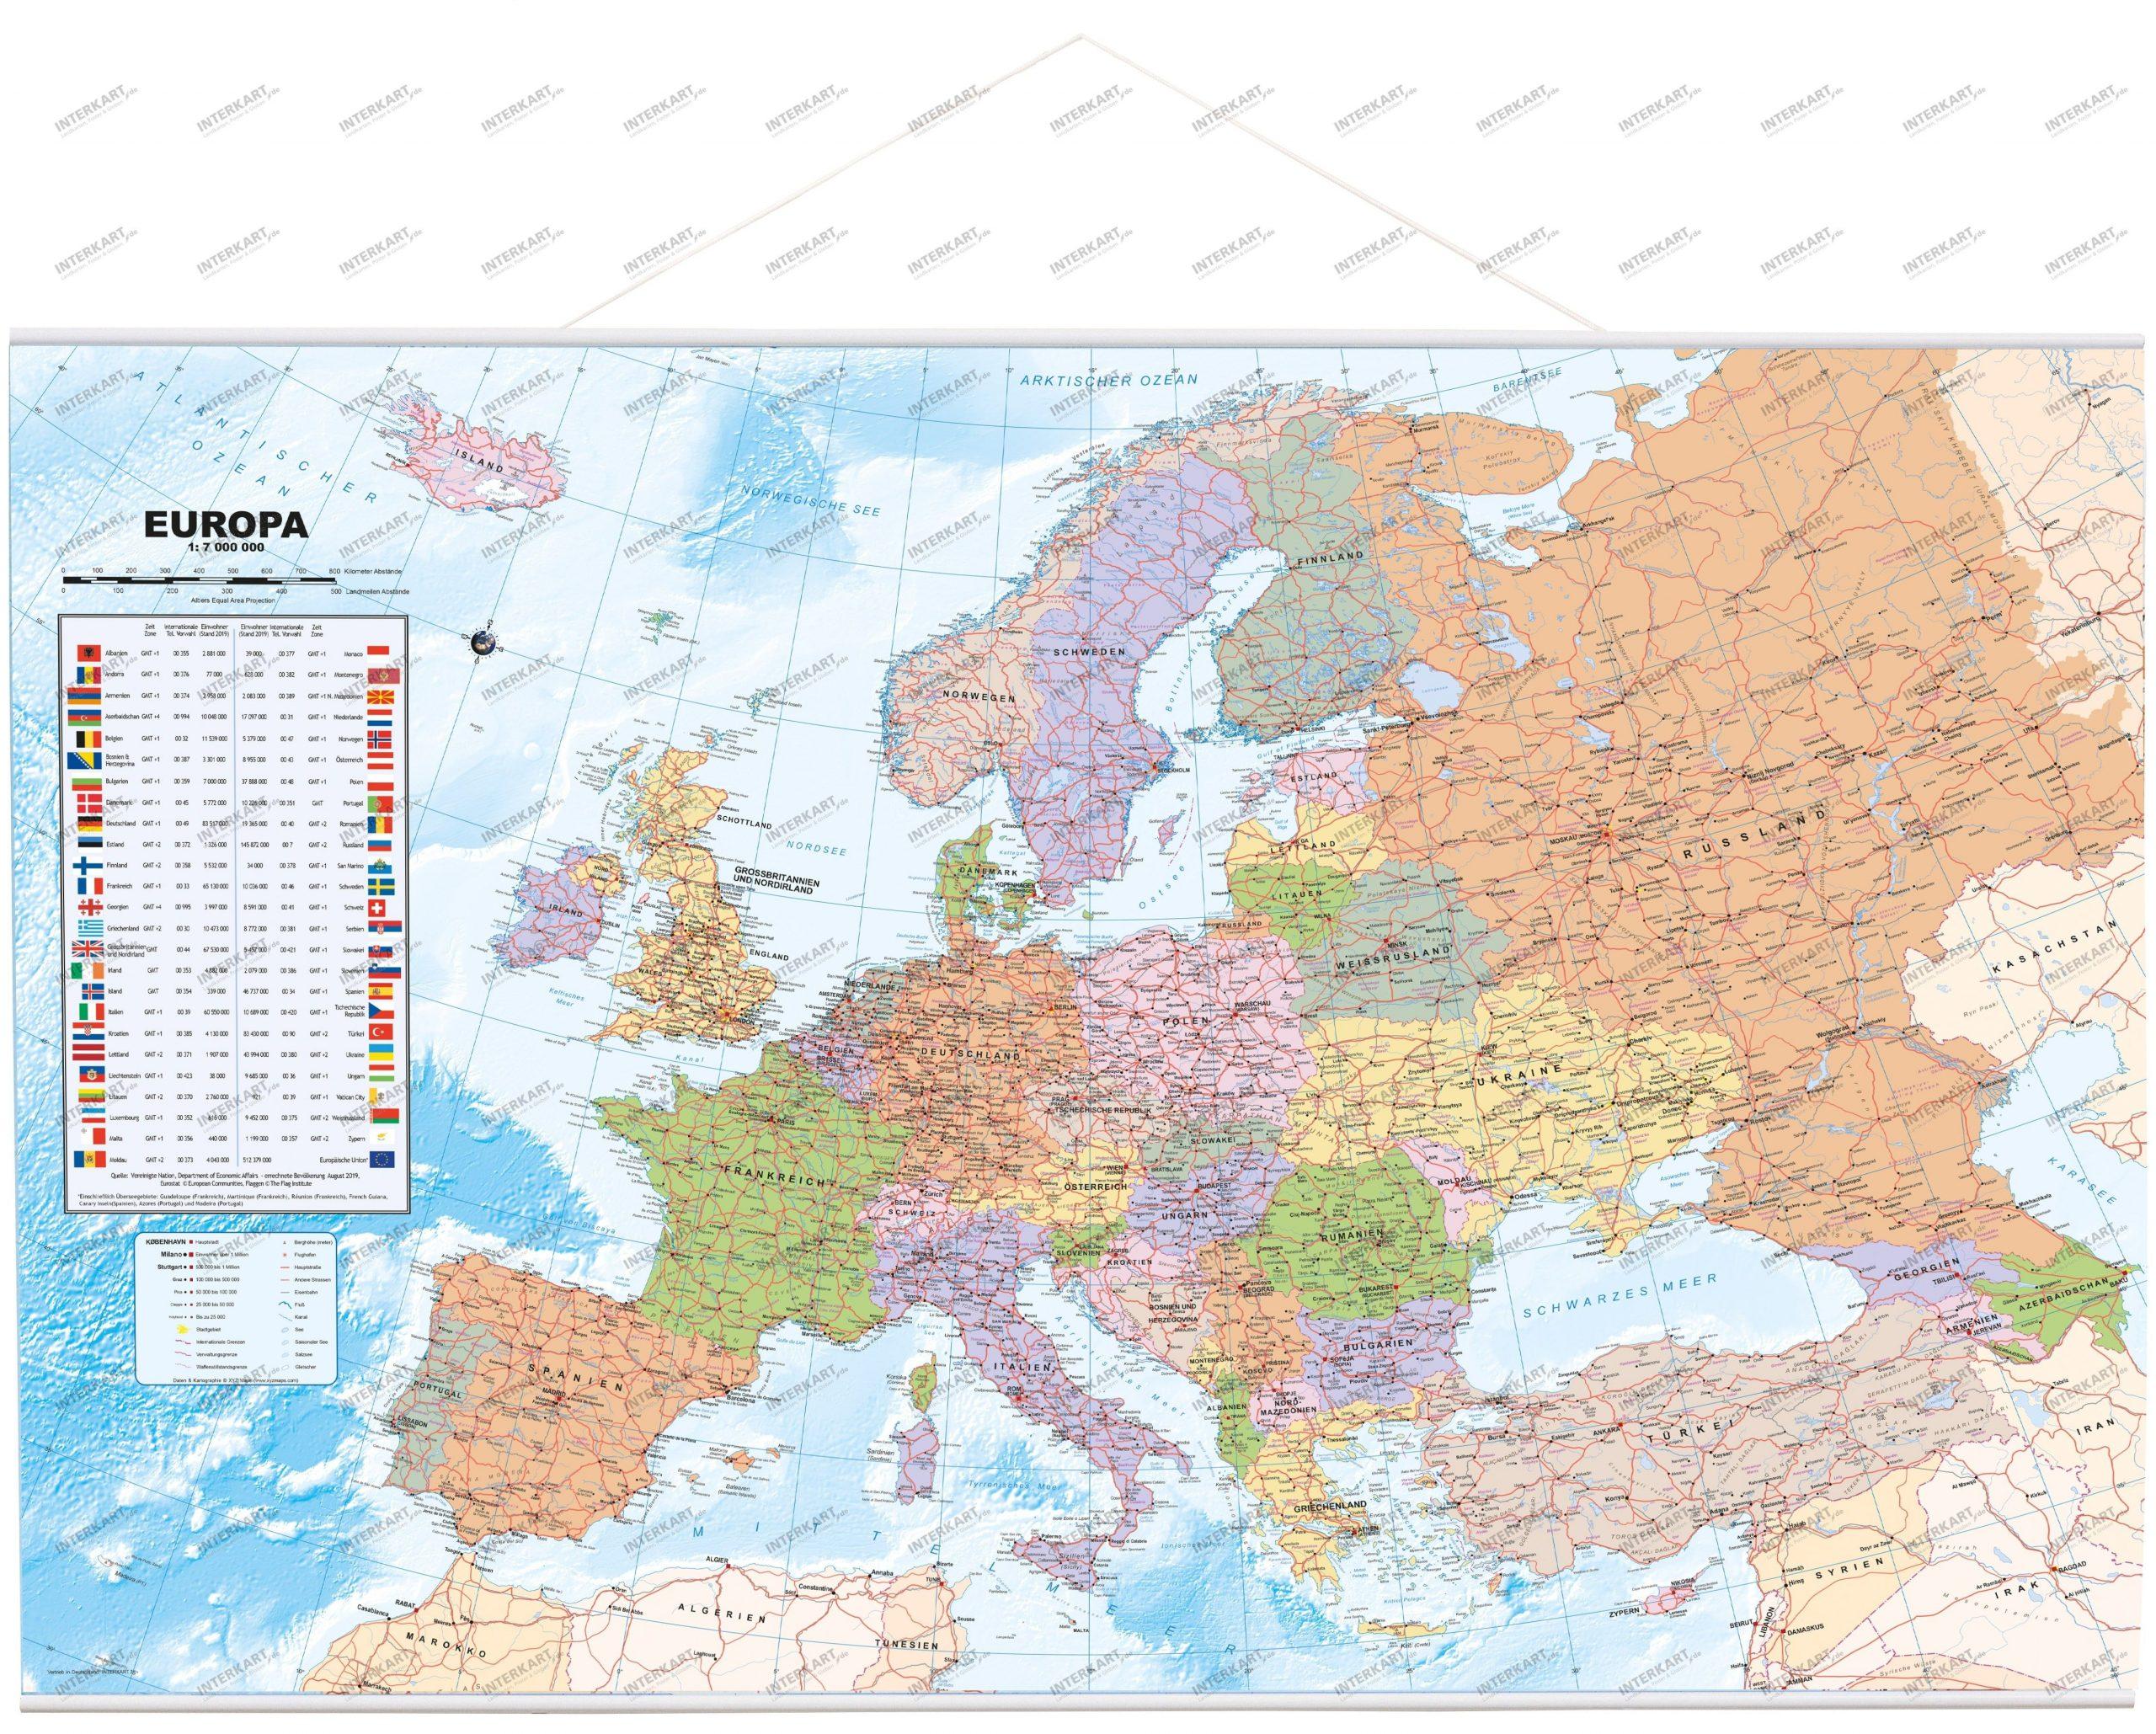 Europakarte Politisch Deutsch Als Poster 90 X 61Cm mit Karte Europa Ohne Beschriftung